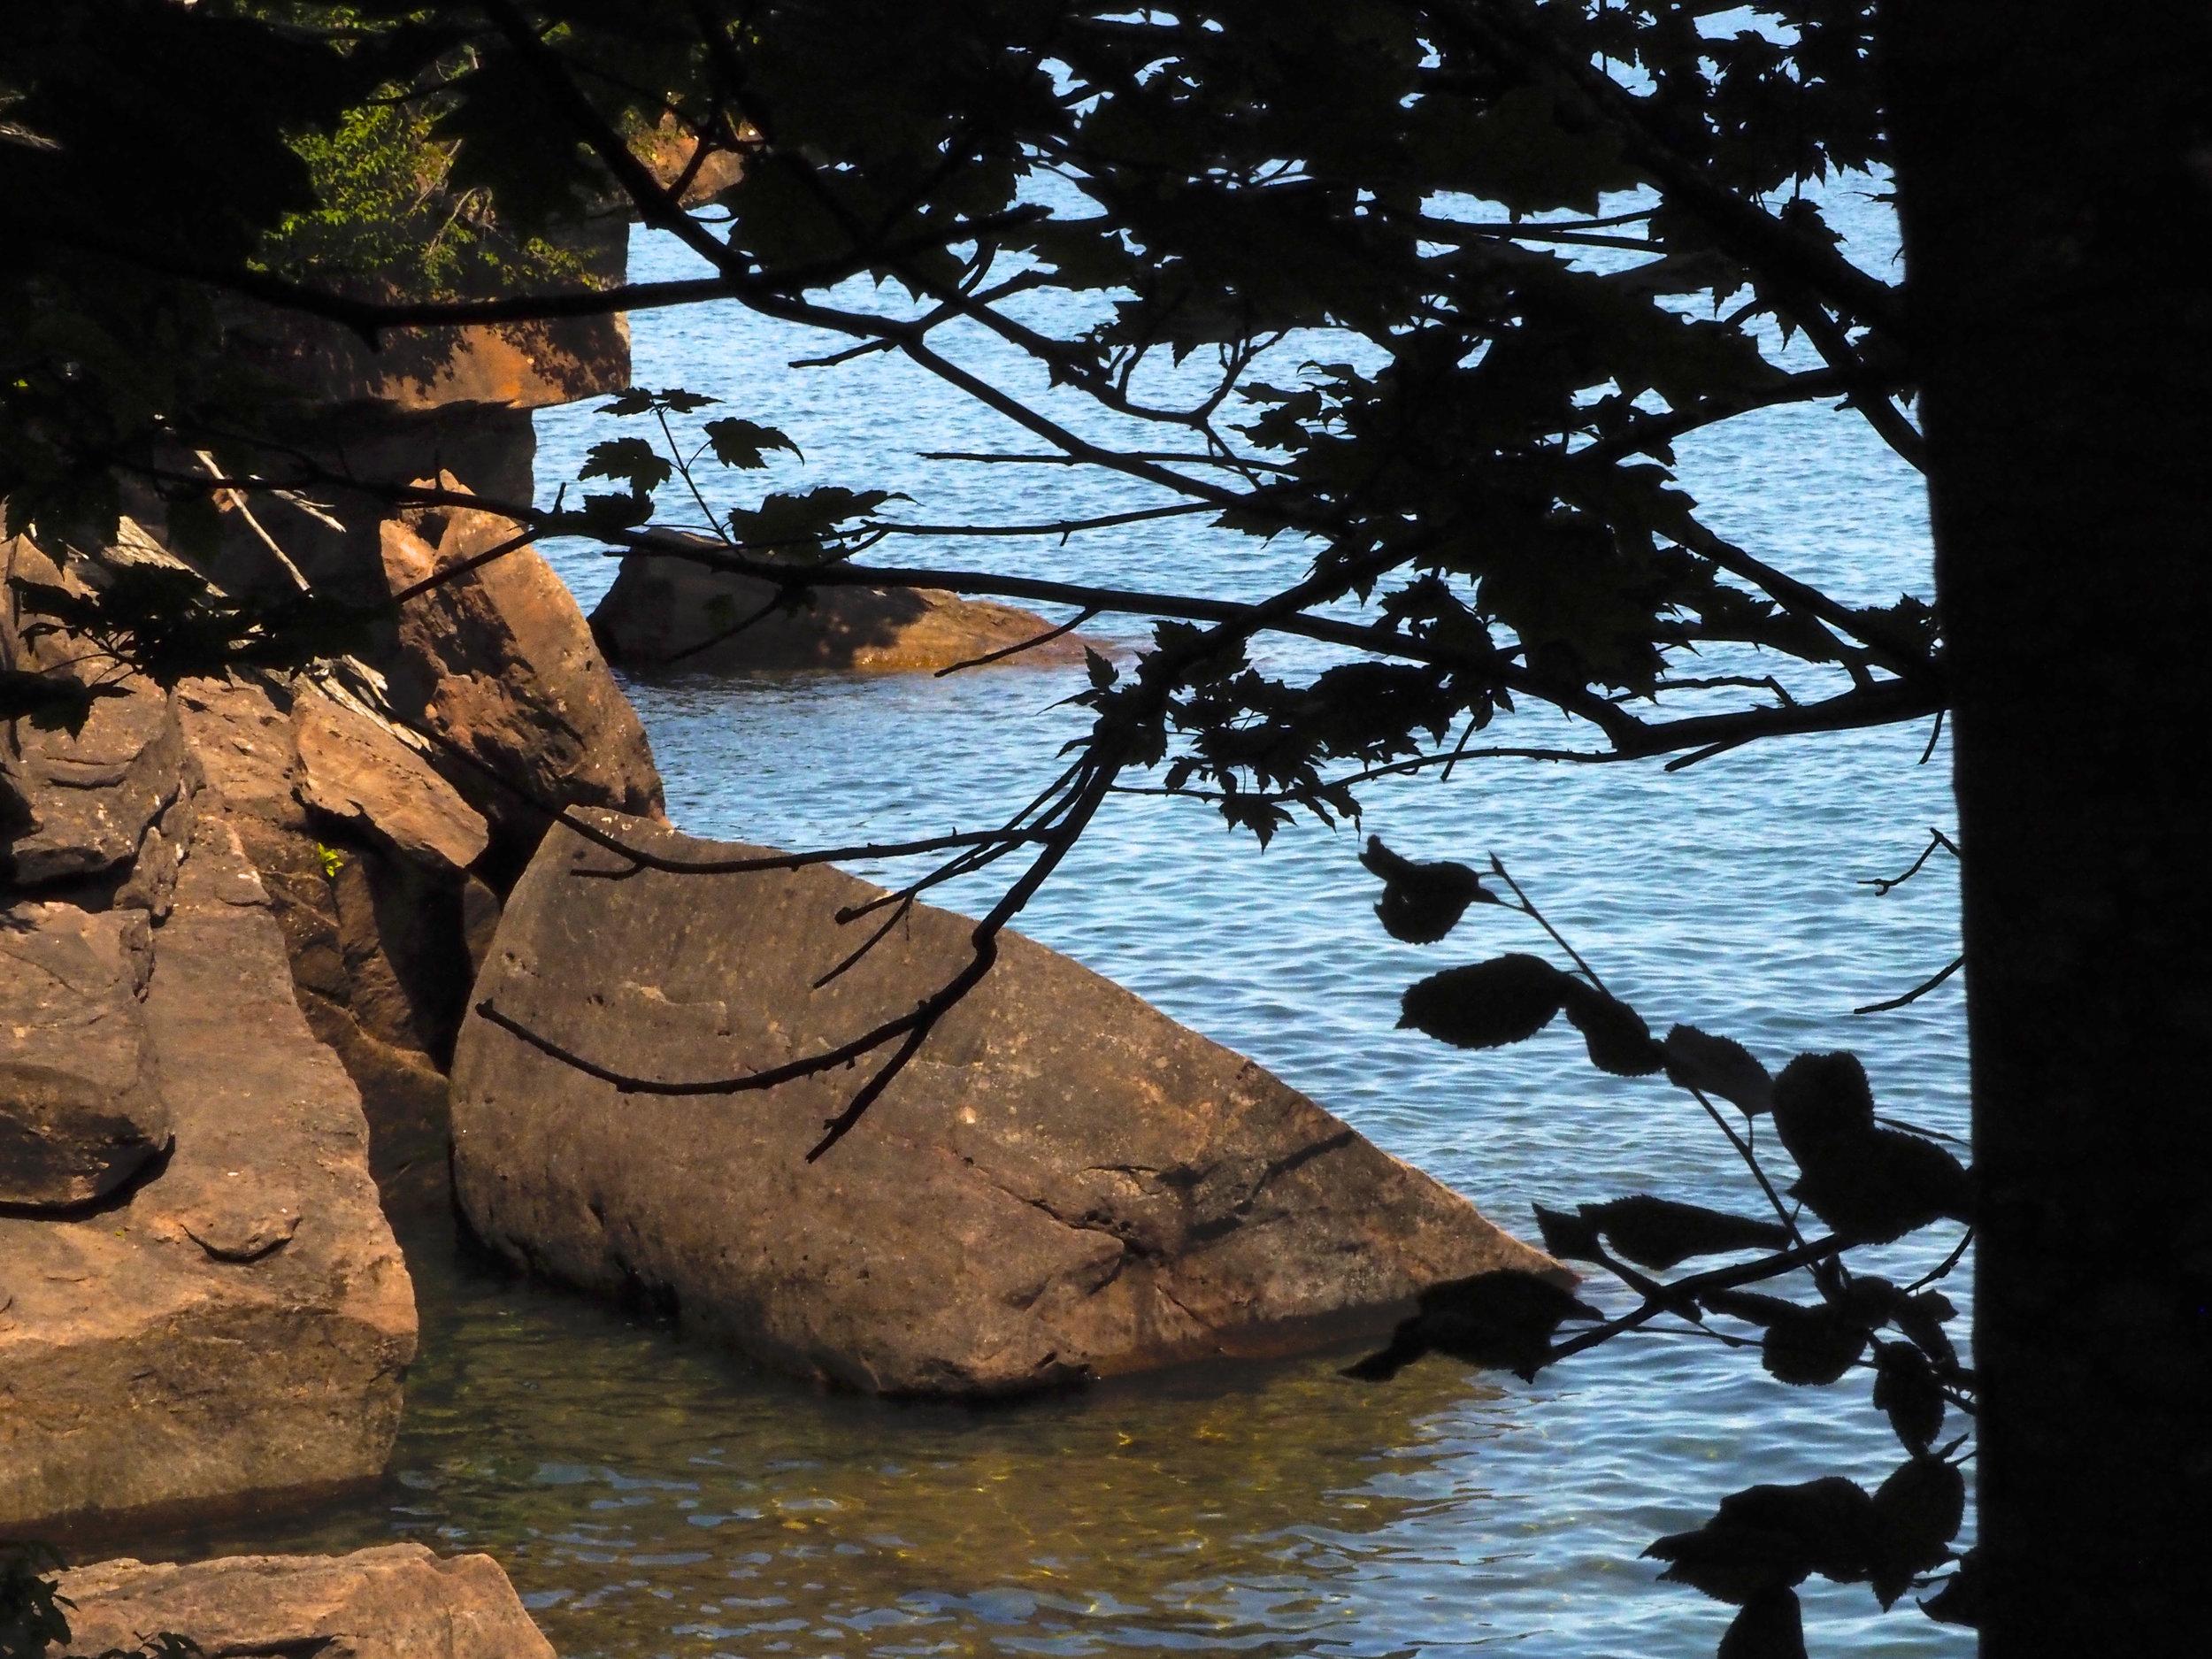 cindi_Madeline_NationalForest_rockcliffs_spiritedtable_photo1.jpg